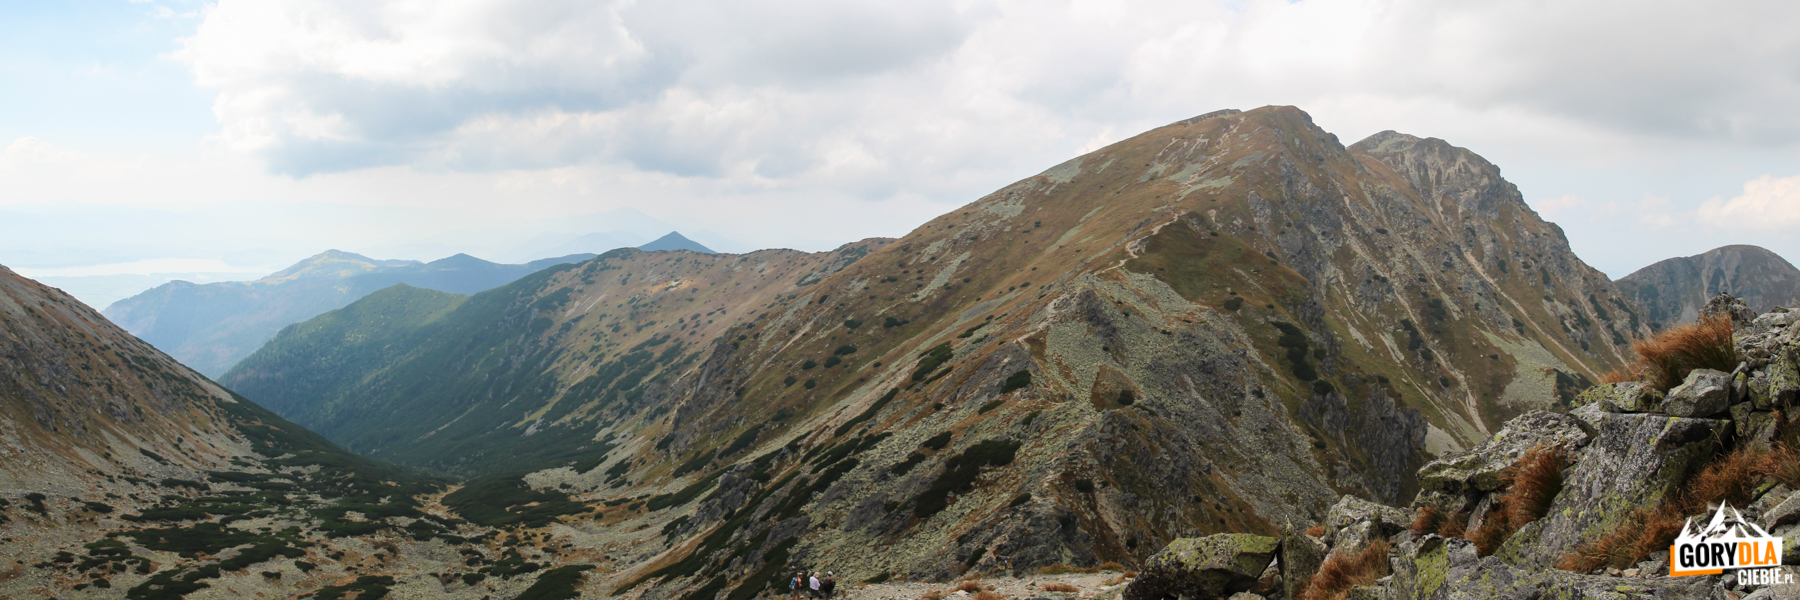 Dolina Głęboka i szczyty Salatyna widaizne z grani pod Spaloną Kopą (2083 m)